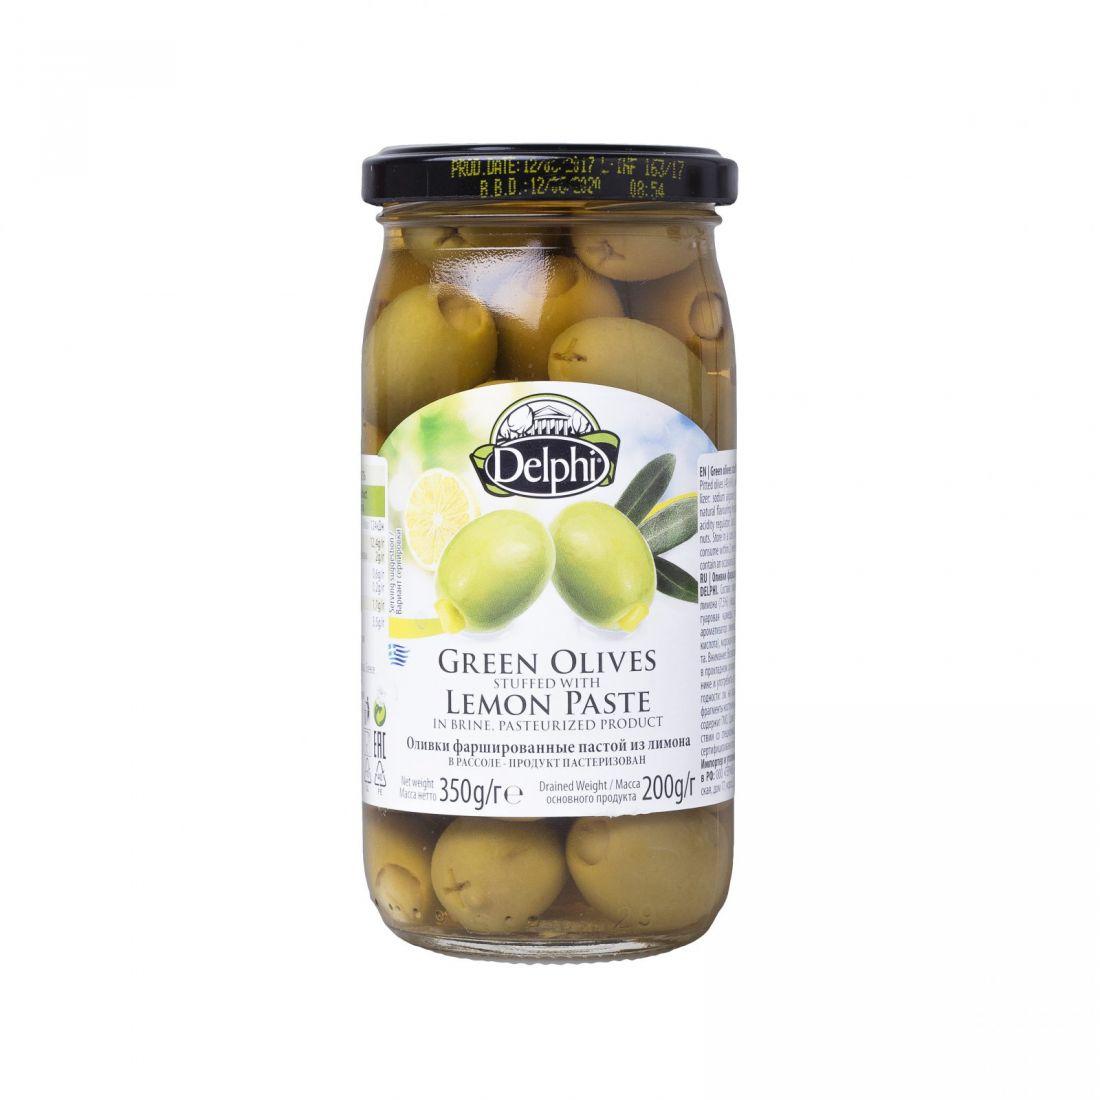 Оливки зеленые Delphi фаршированные лимоном - 350 гр - стекло